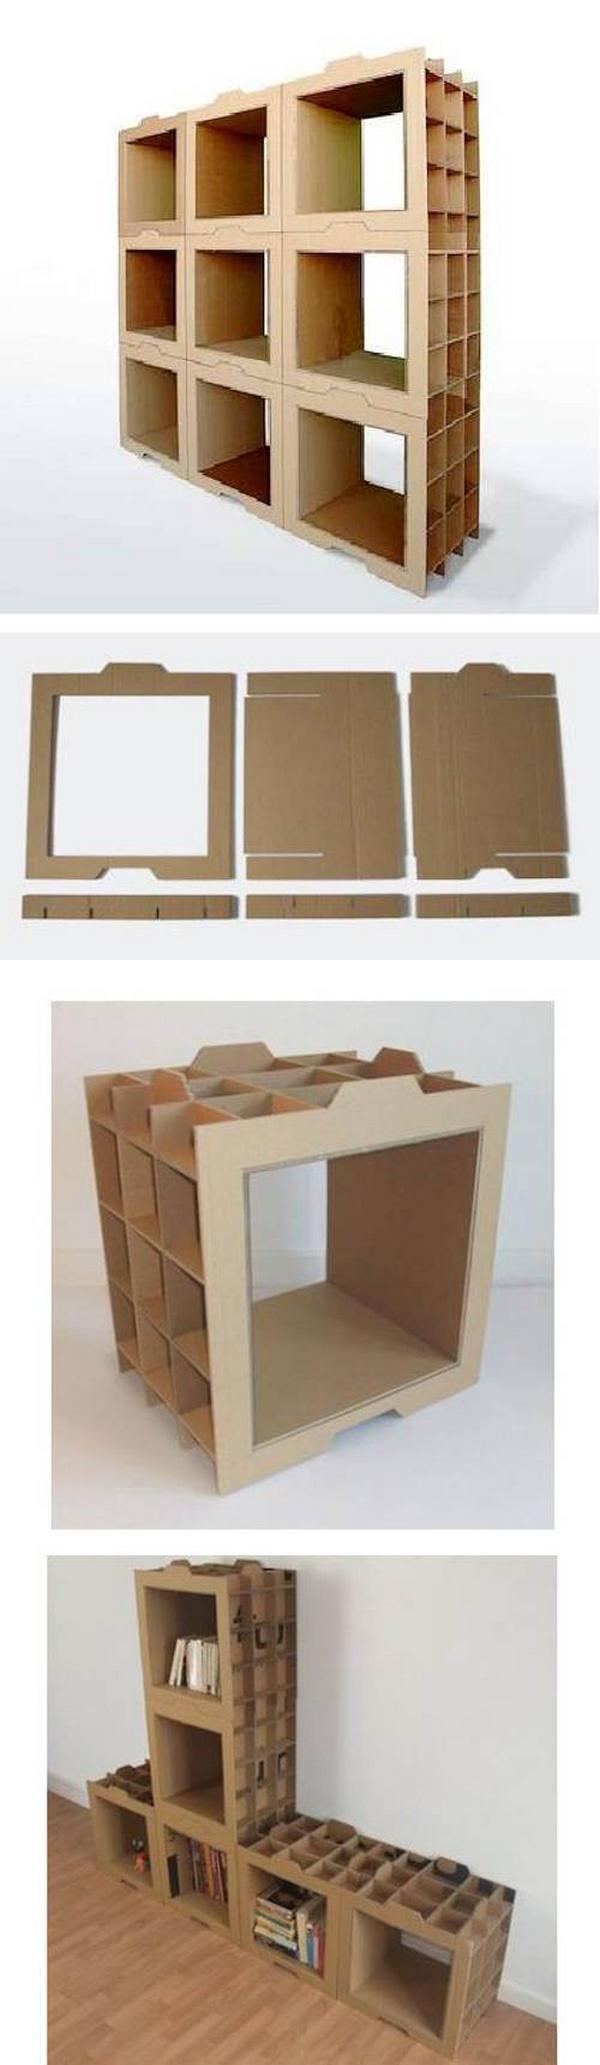 Oltre 25 fantastiche idee su mobili di cartone su pinterest - Mobili in cartone pressato ...